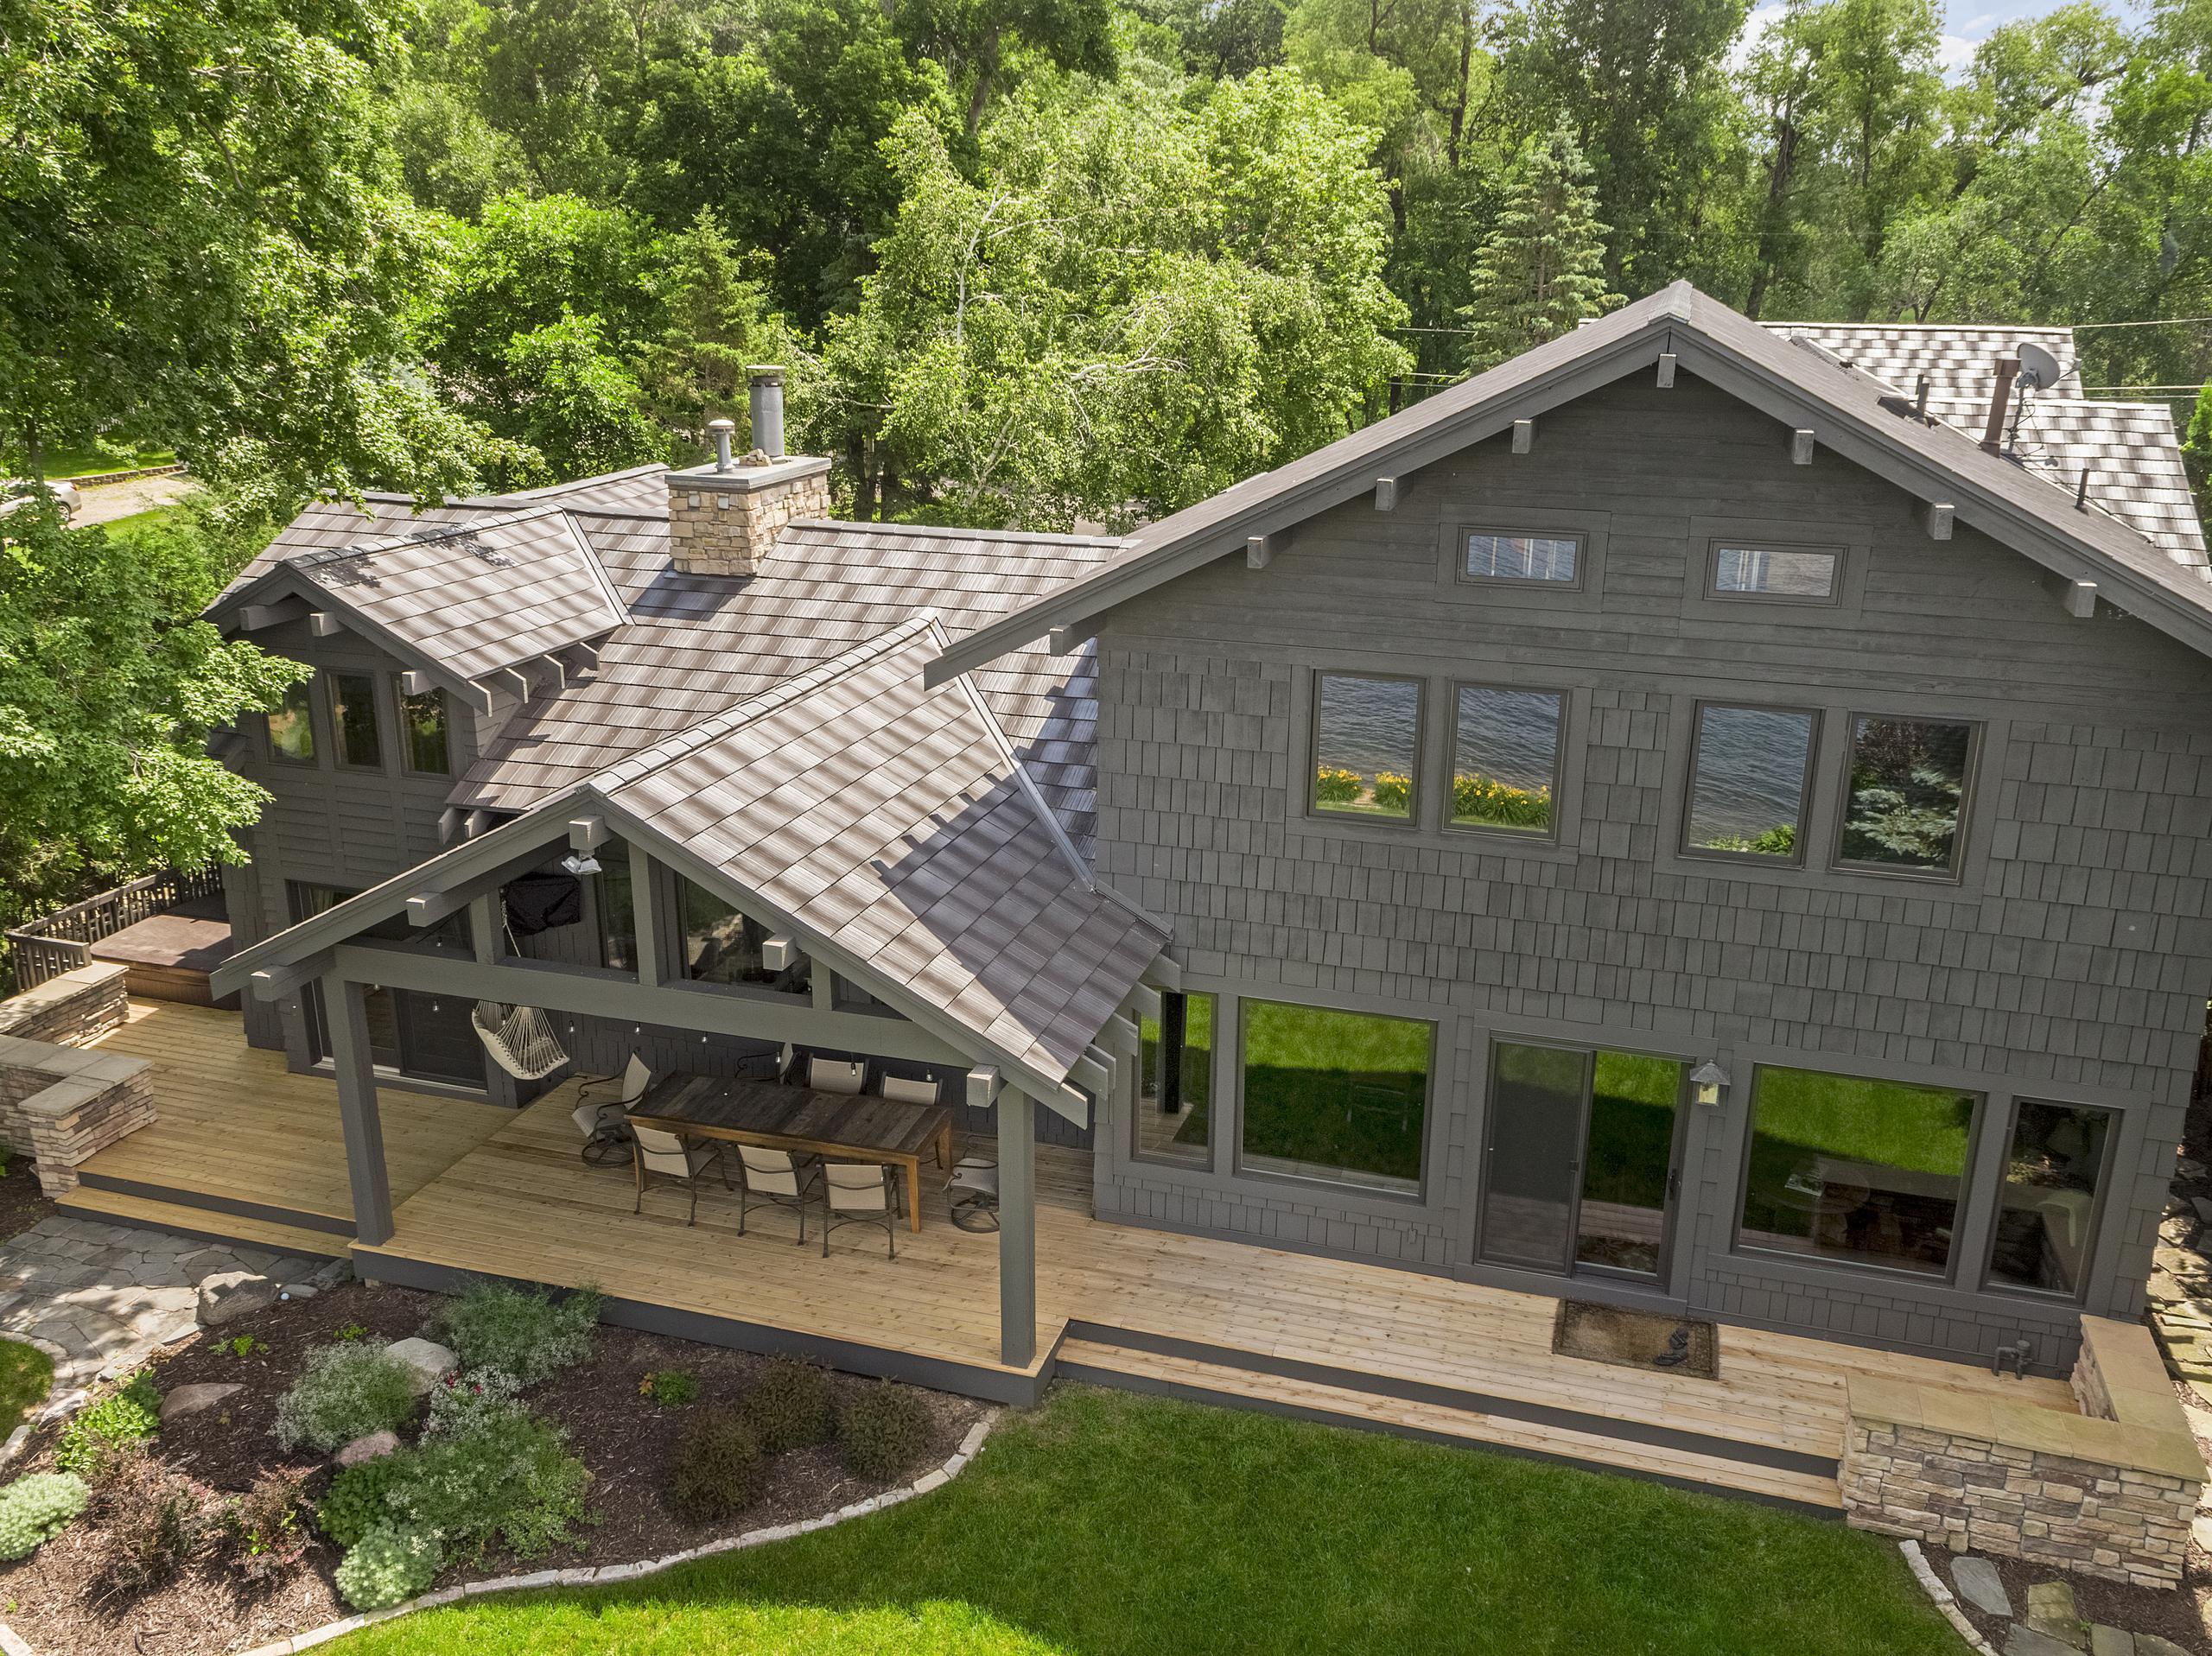 EDCO's Infinity shake metal roofing